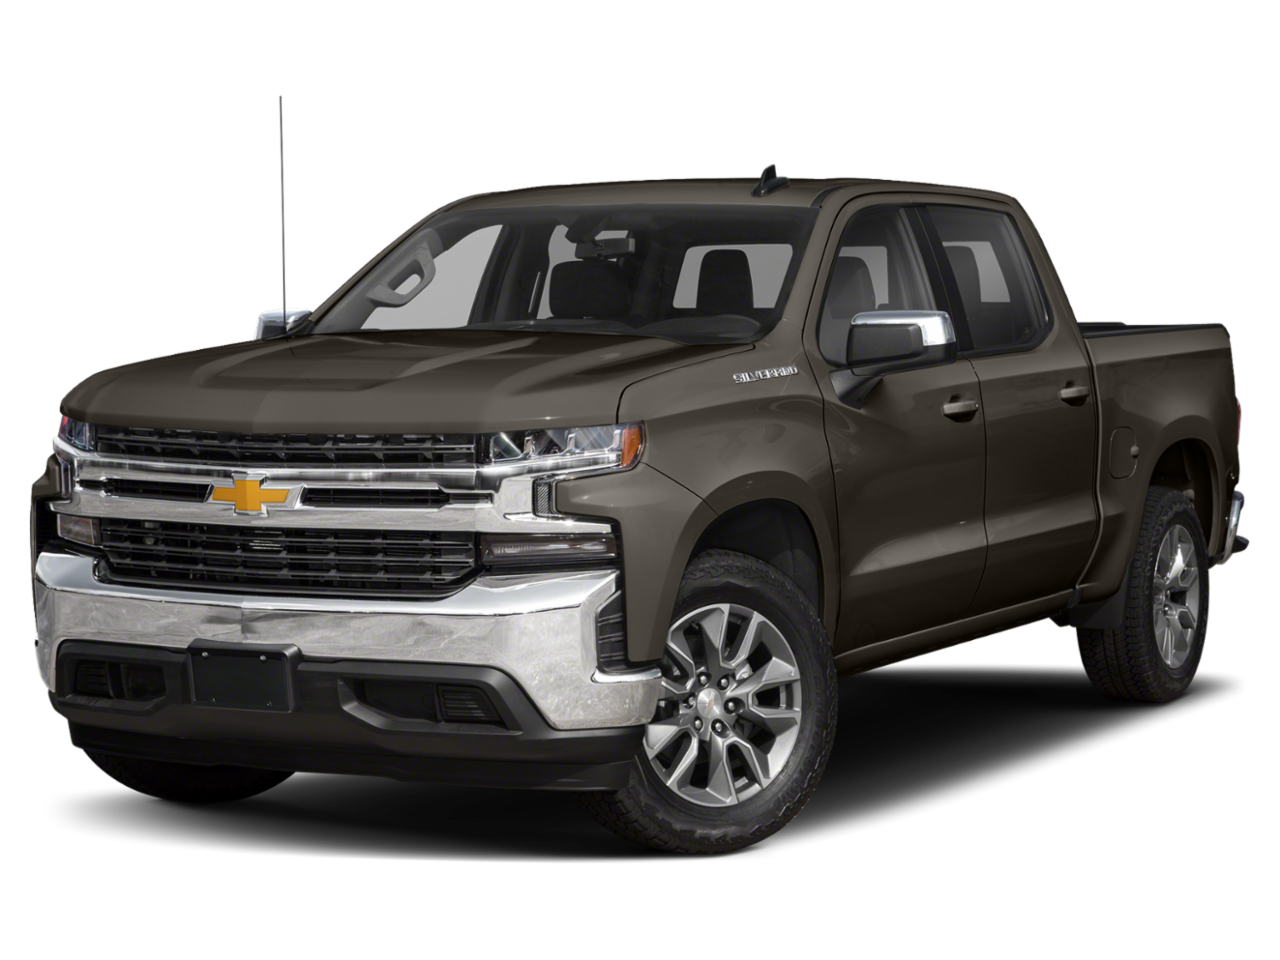 Van Horn Chevrolet Of Newhall Cedar Rapids Iowa City Vehicle Source